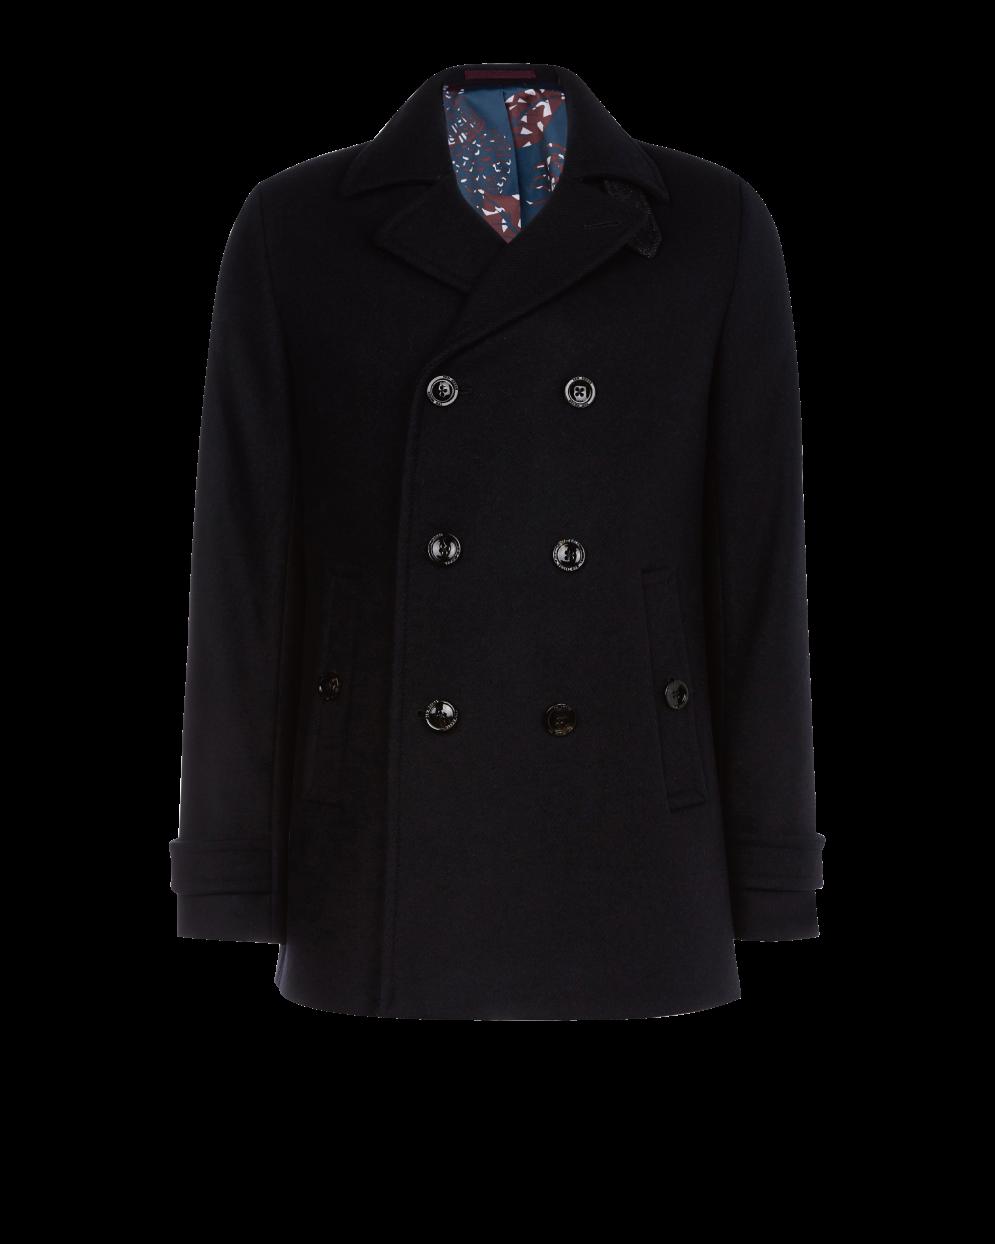 (微風廣場)TED BAKER GRILLD羊毛雙排扣大衣(男),原價1萬9,800元、特價8,900元。